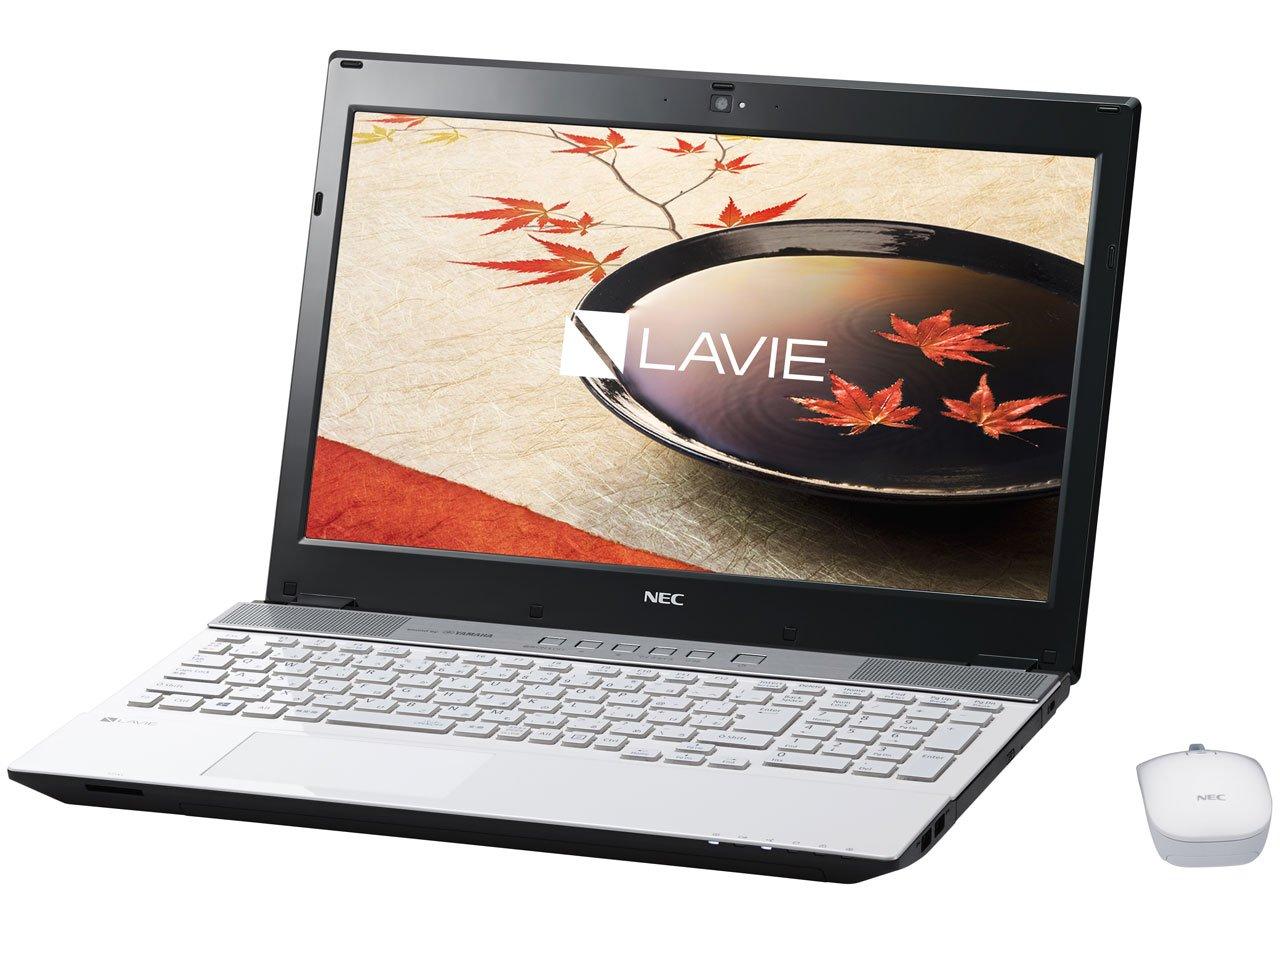 最安値挑戦! NEC PC-NS750FAW B01M03HHU3 LAVIE PC-NS750FAW Note Standard LAVIE B01M03HHU3, インドカレーのハリオン:4e53f688 --- ballyshannonshow.com